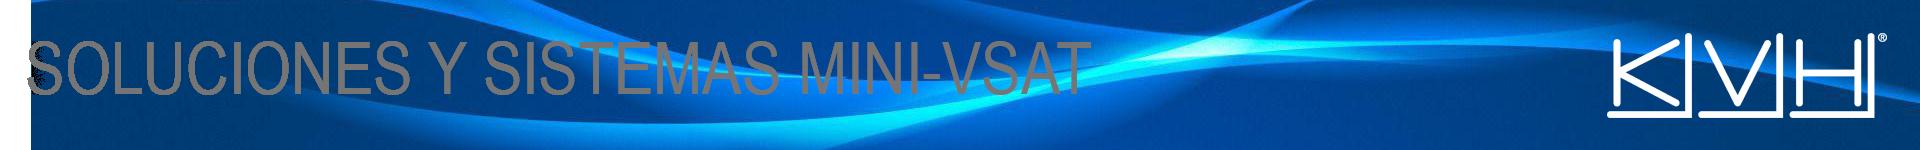 SOLUCIONES Y SISTEMAS KVH MINI-VSAT